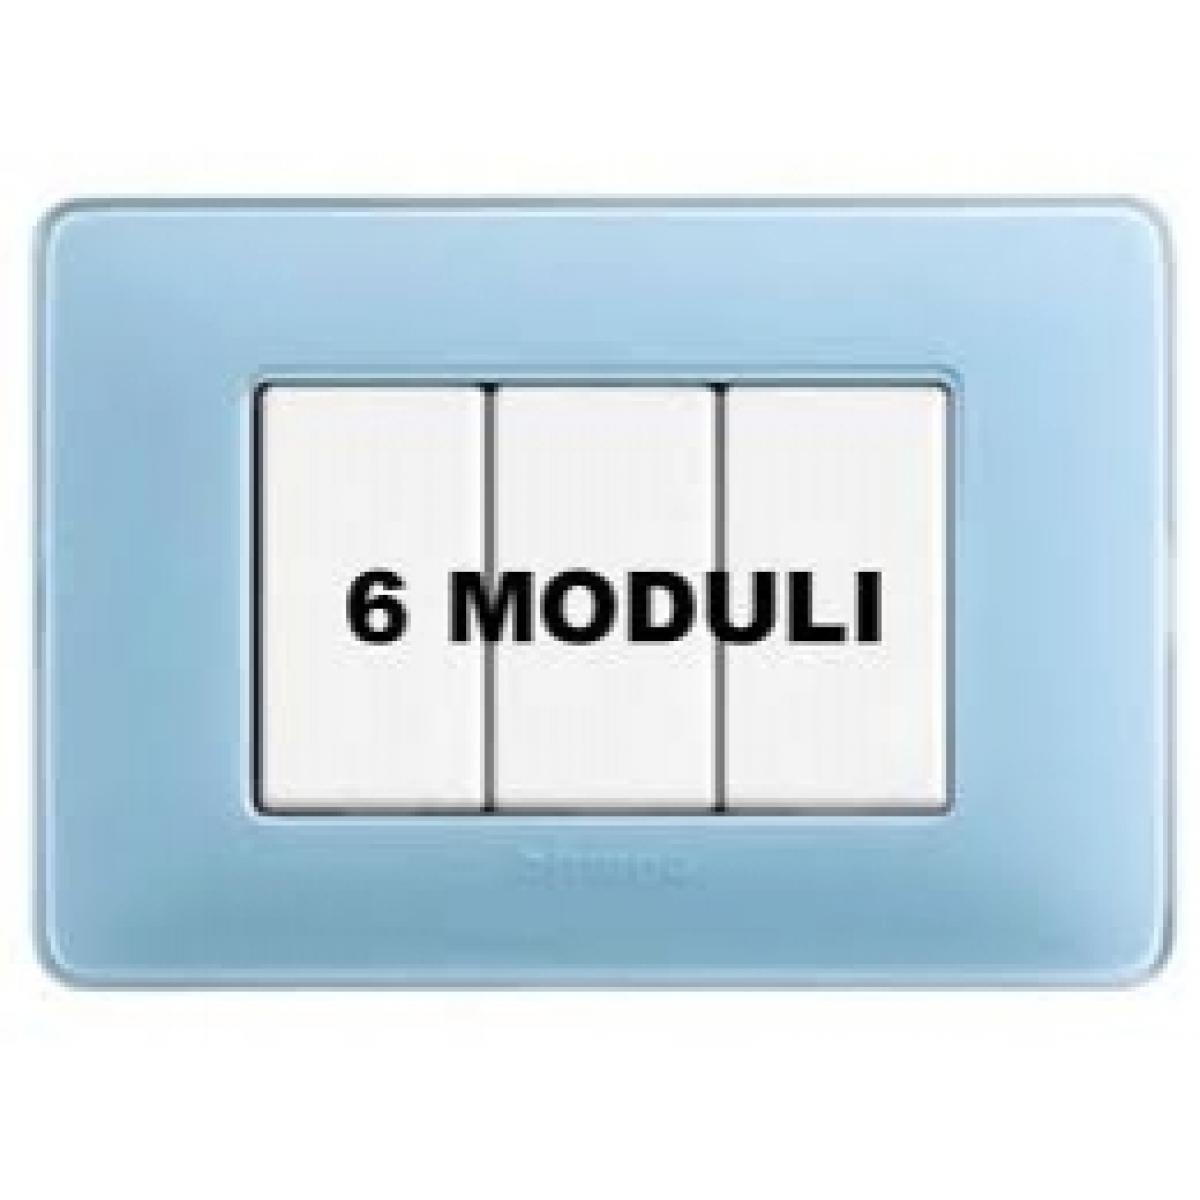 Placca 6 Moduli Turchese Bticino Matix AM4806CAR